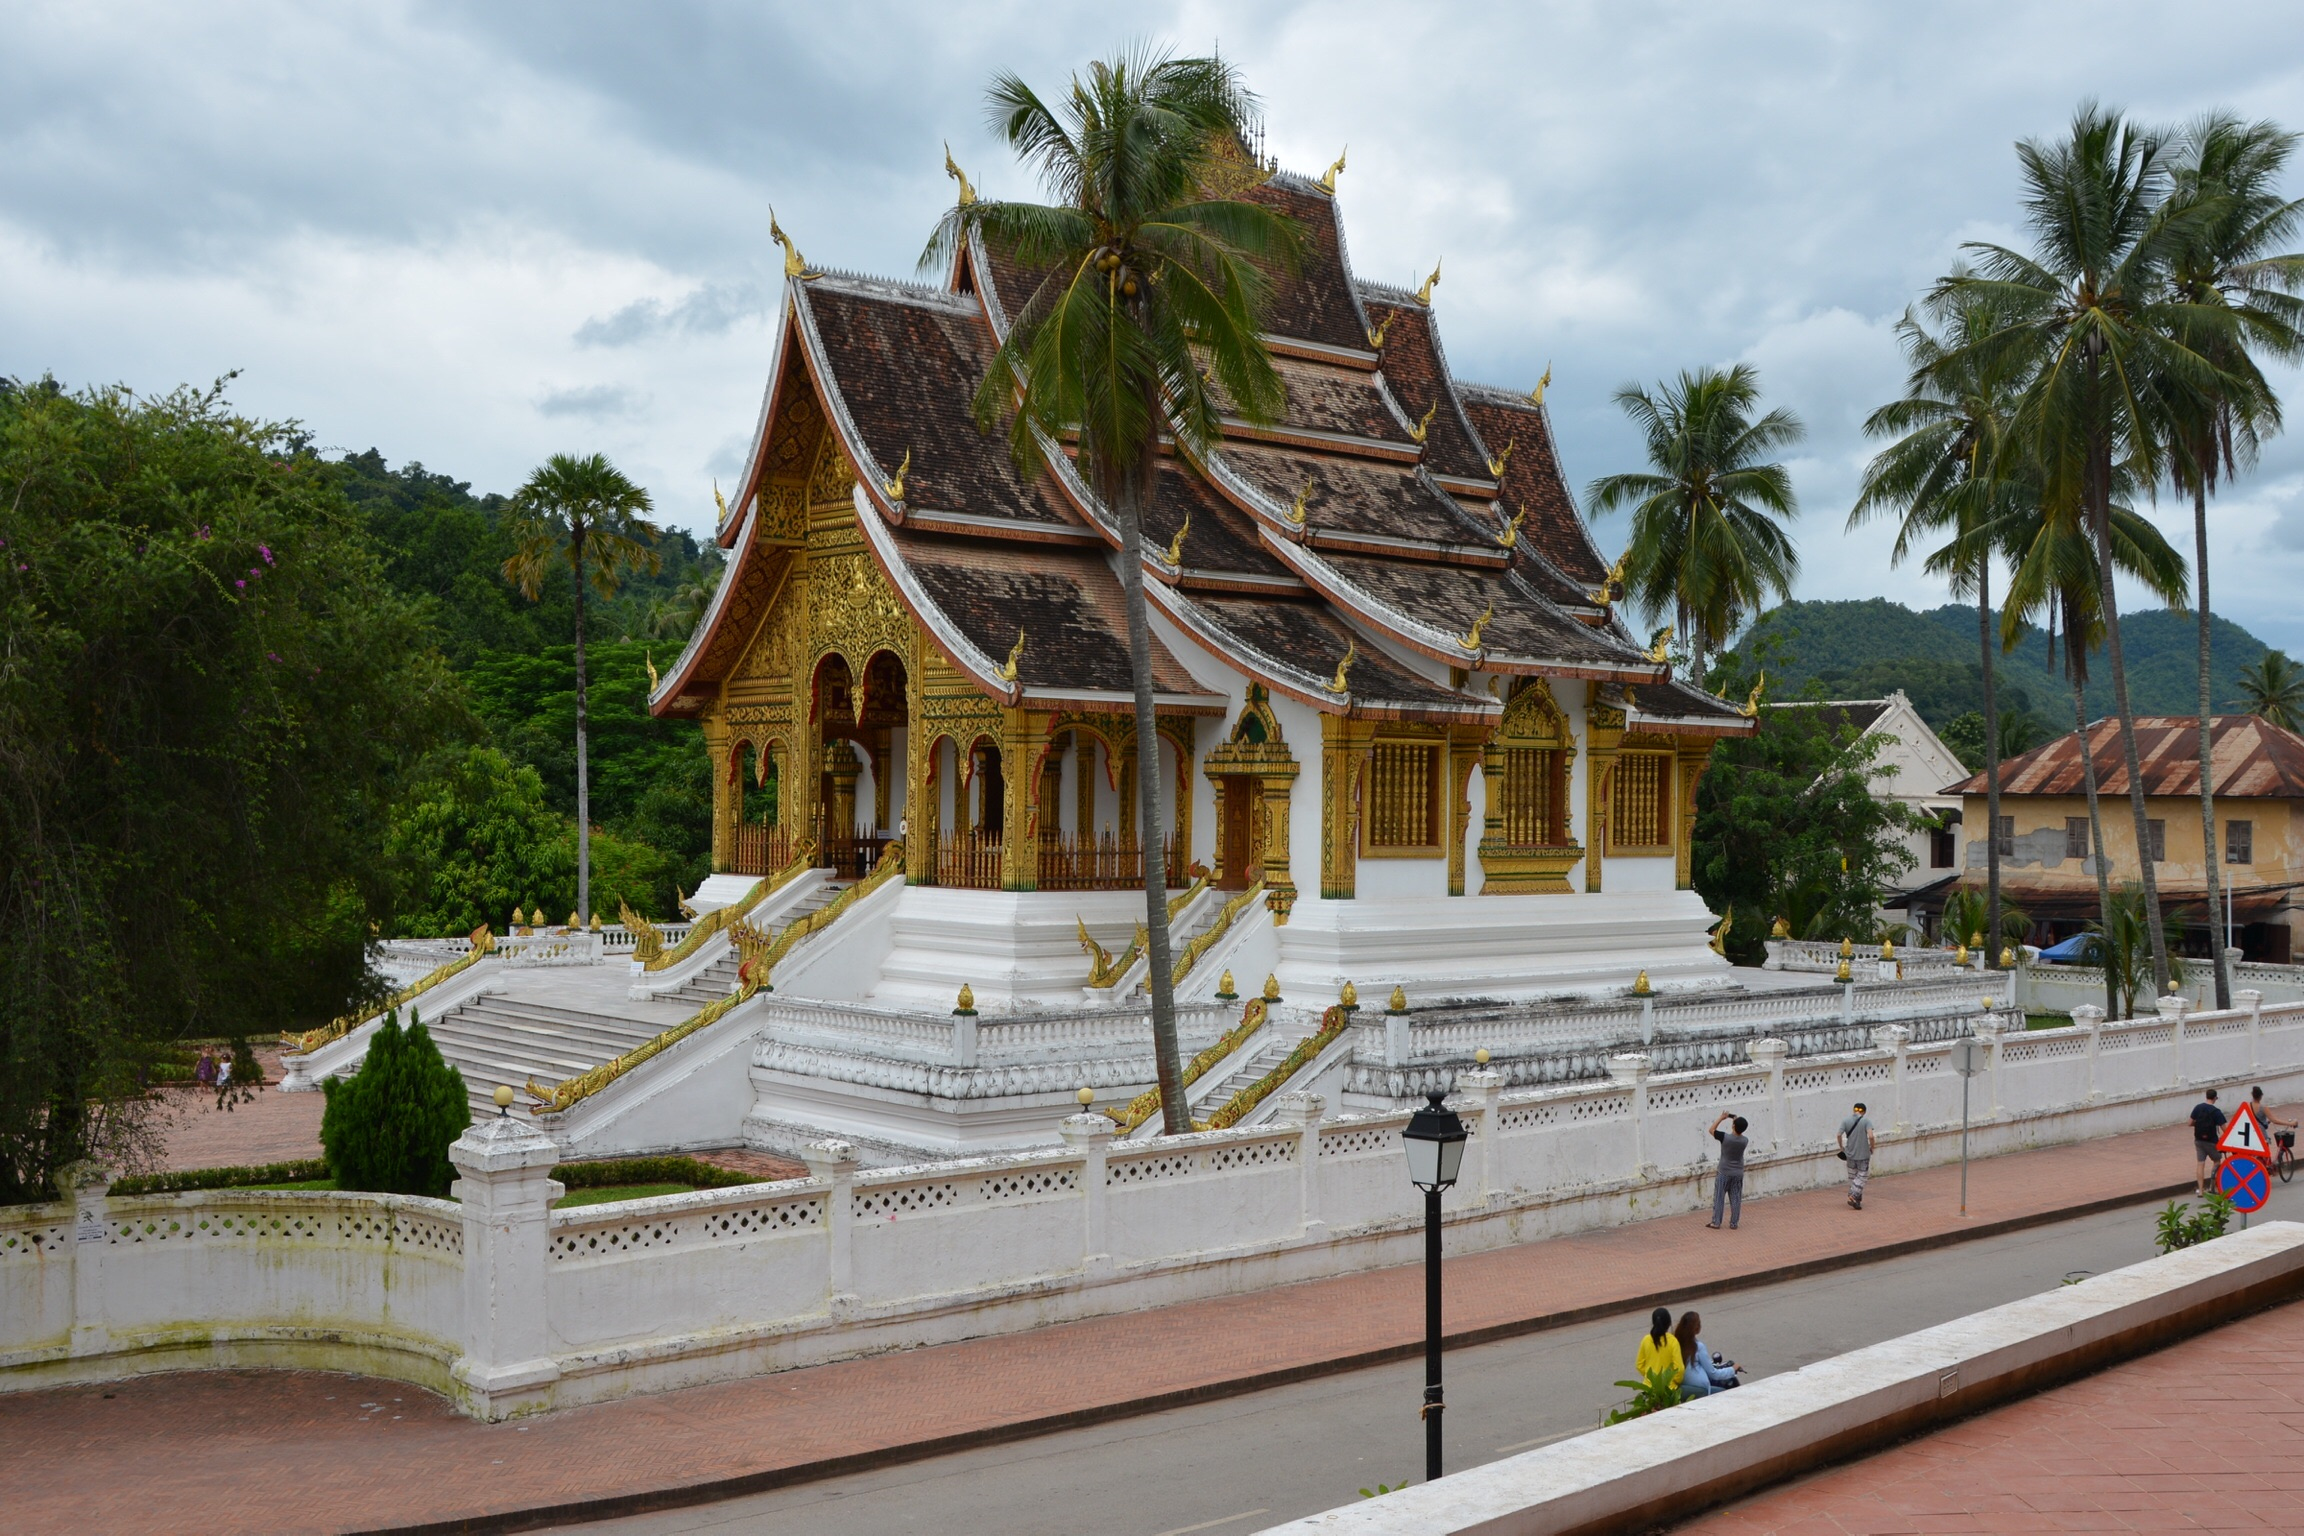 Royal Palace and home of the Phra Bang Buddha.